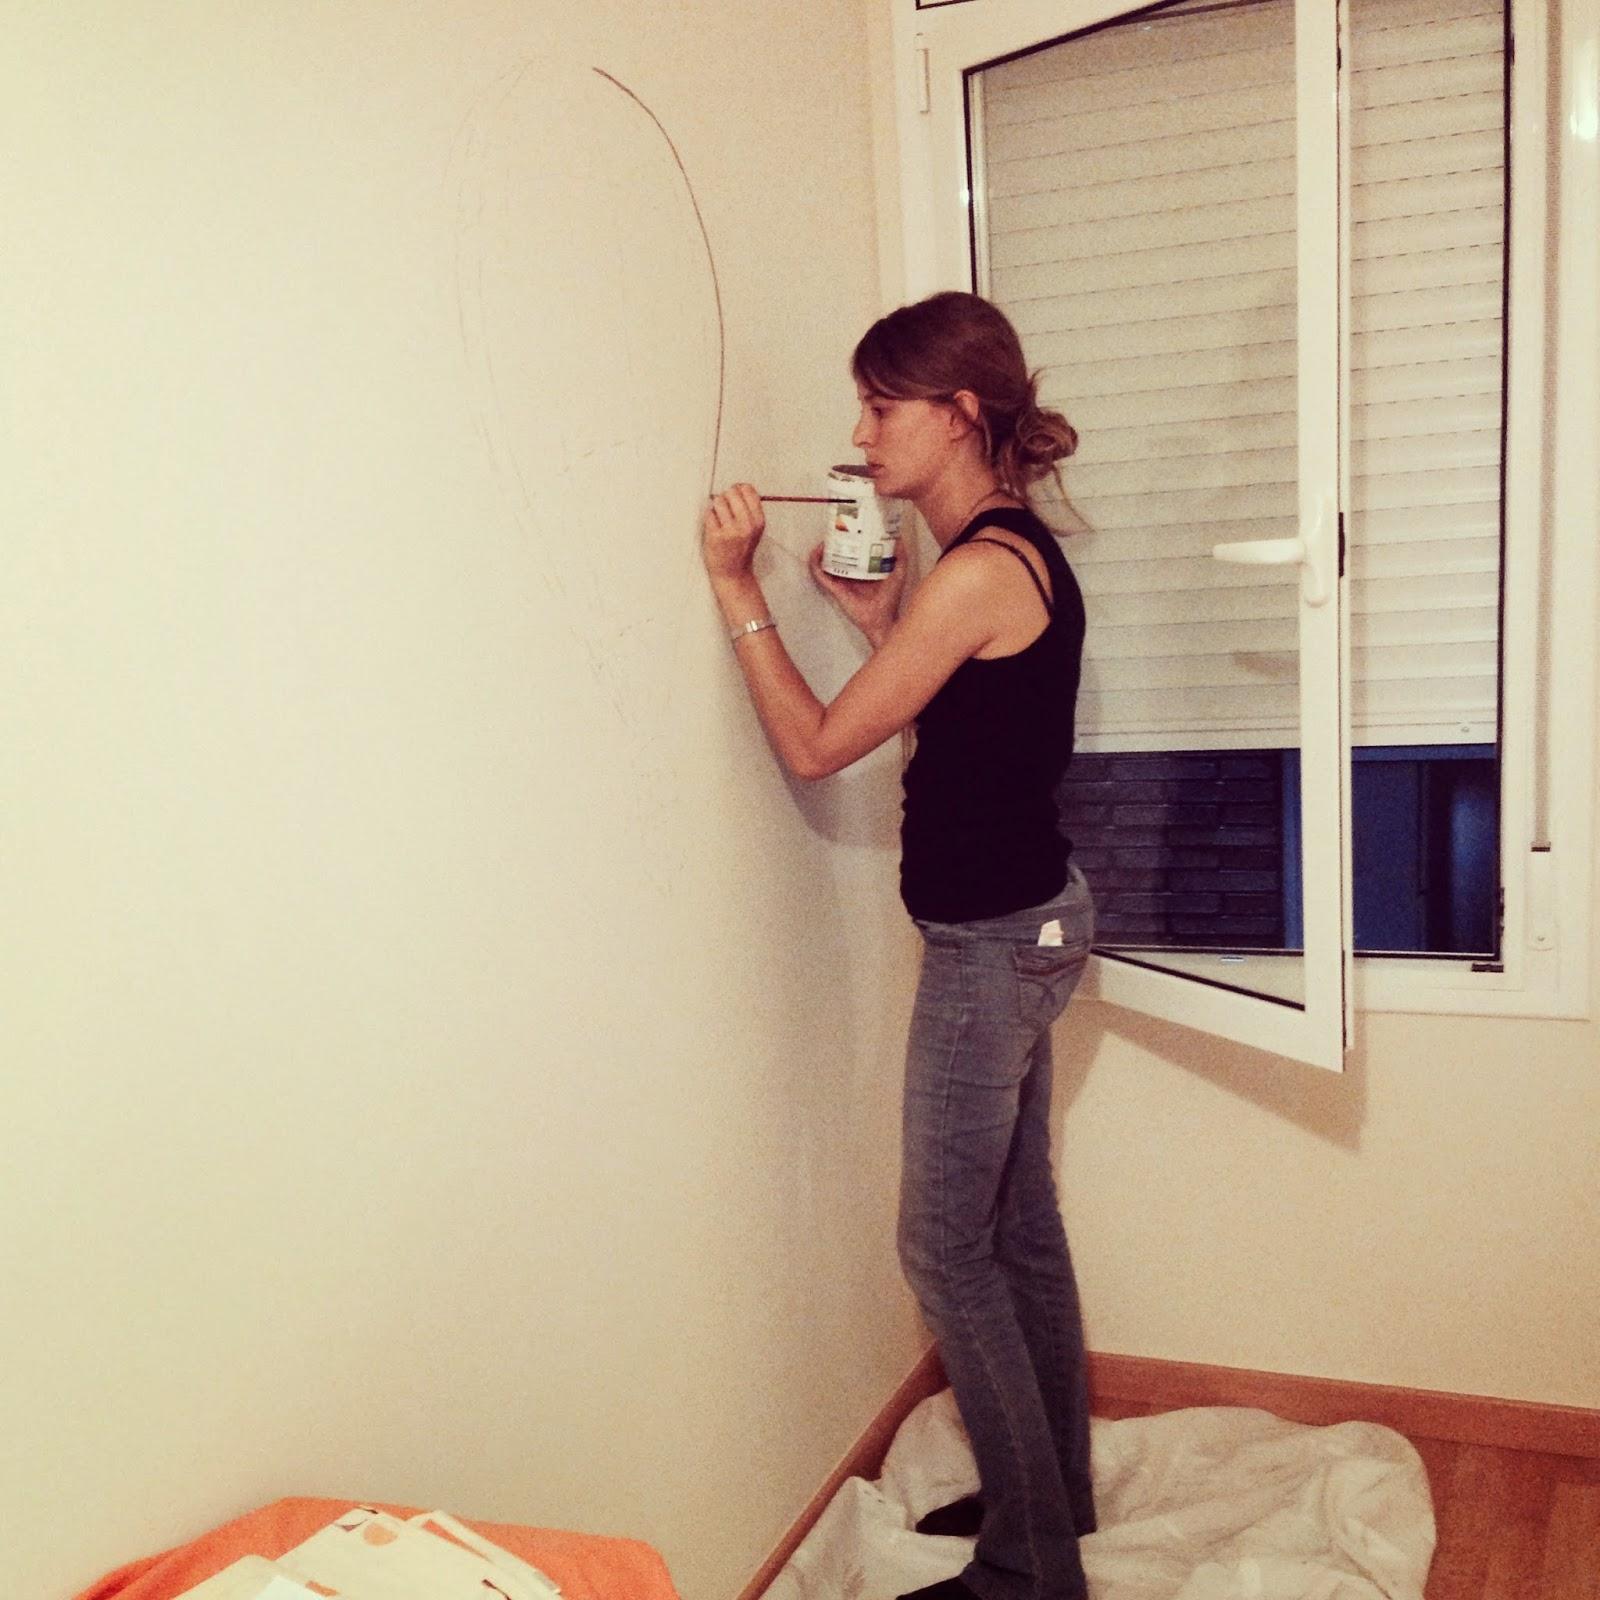 Dormitorio infantil archivos rojosill n for Como dibujar un mural en la pared